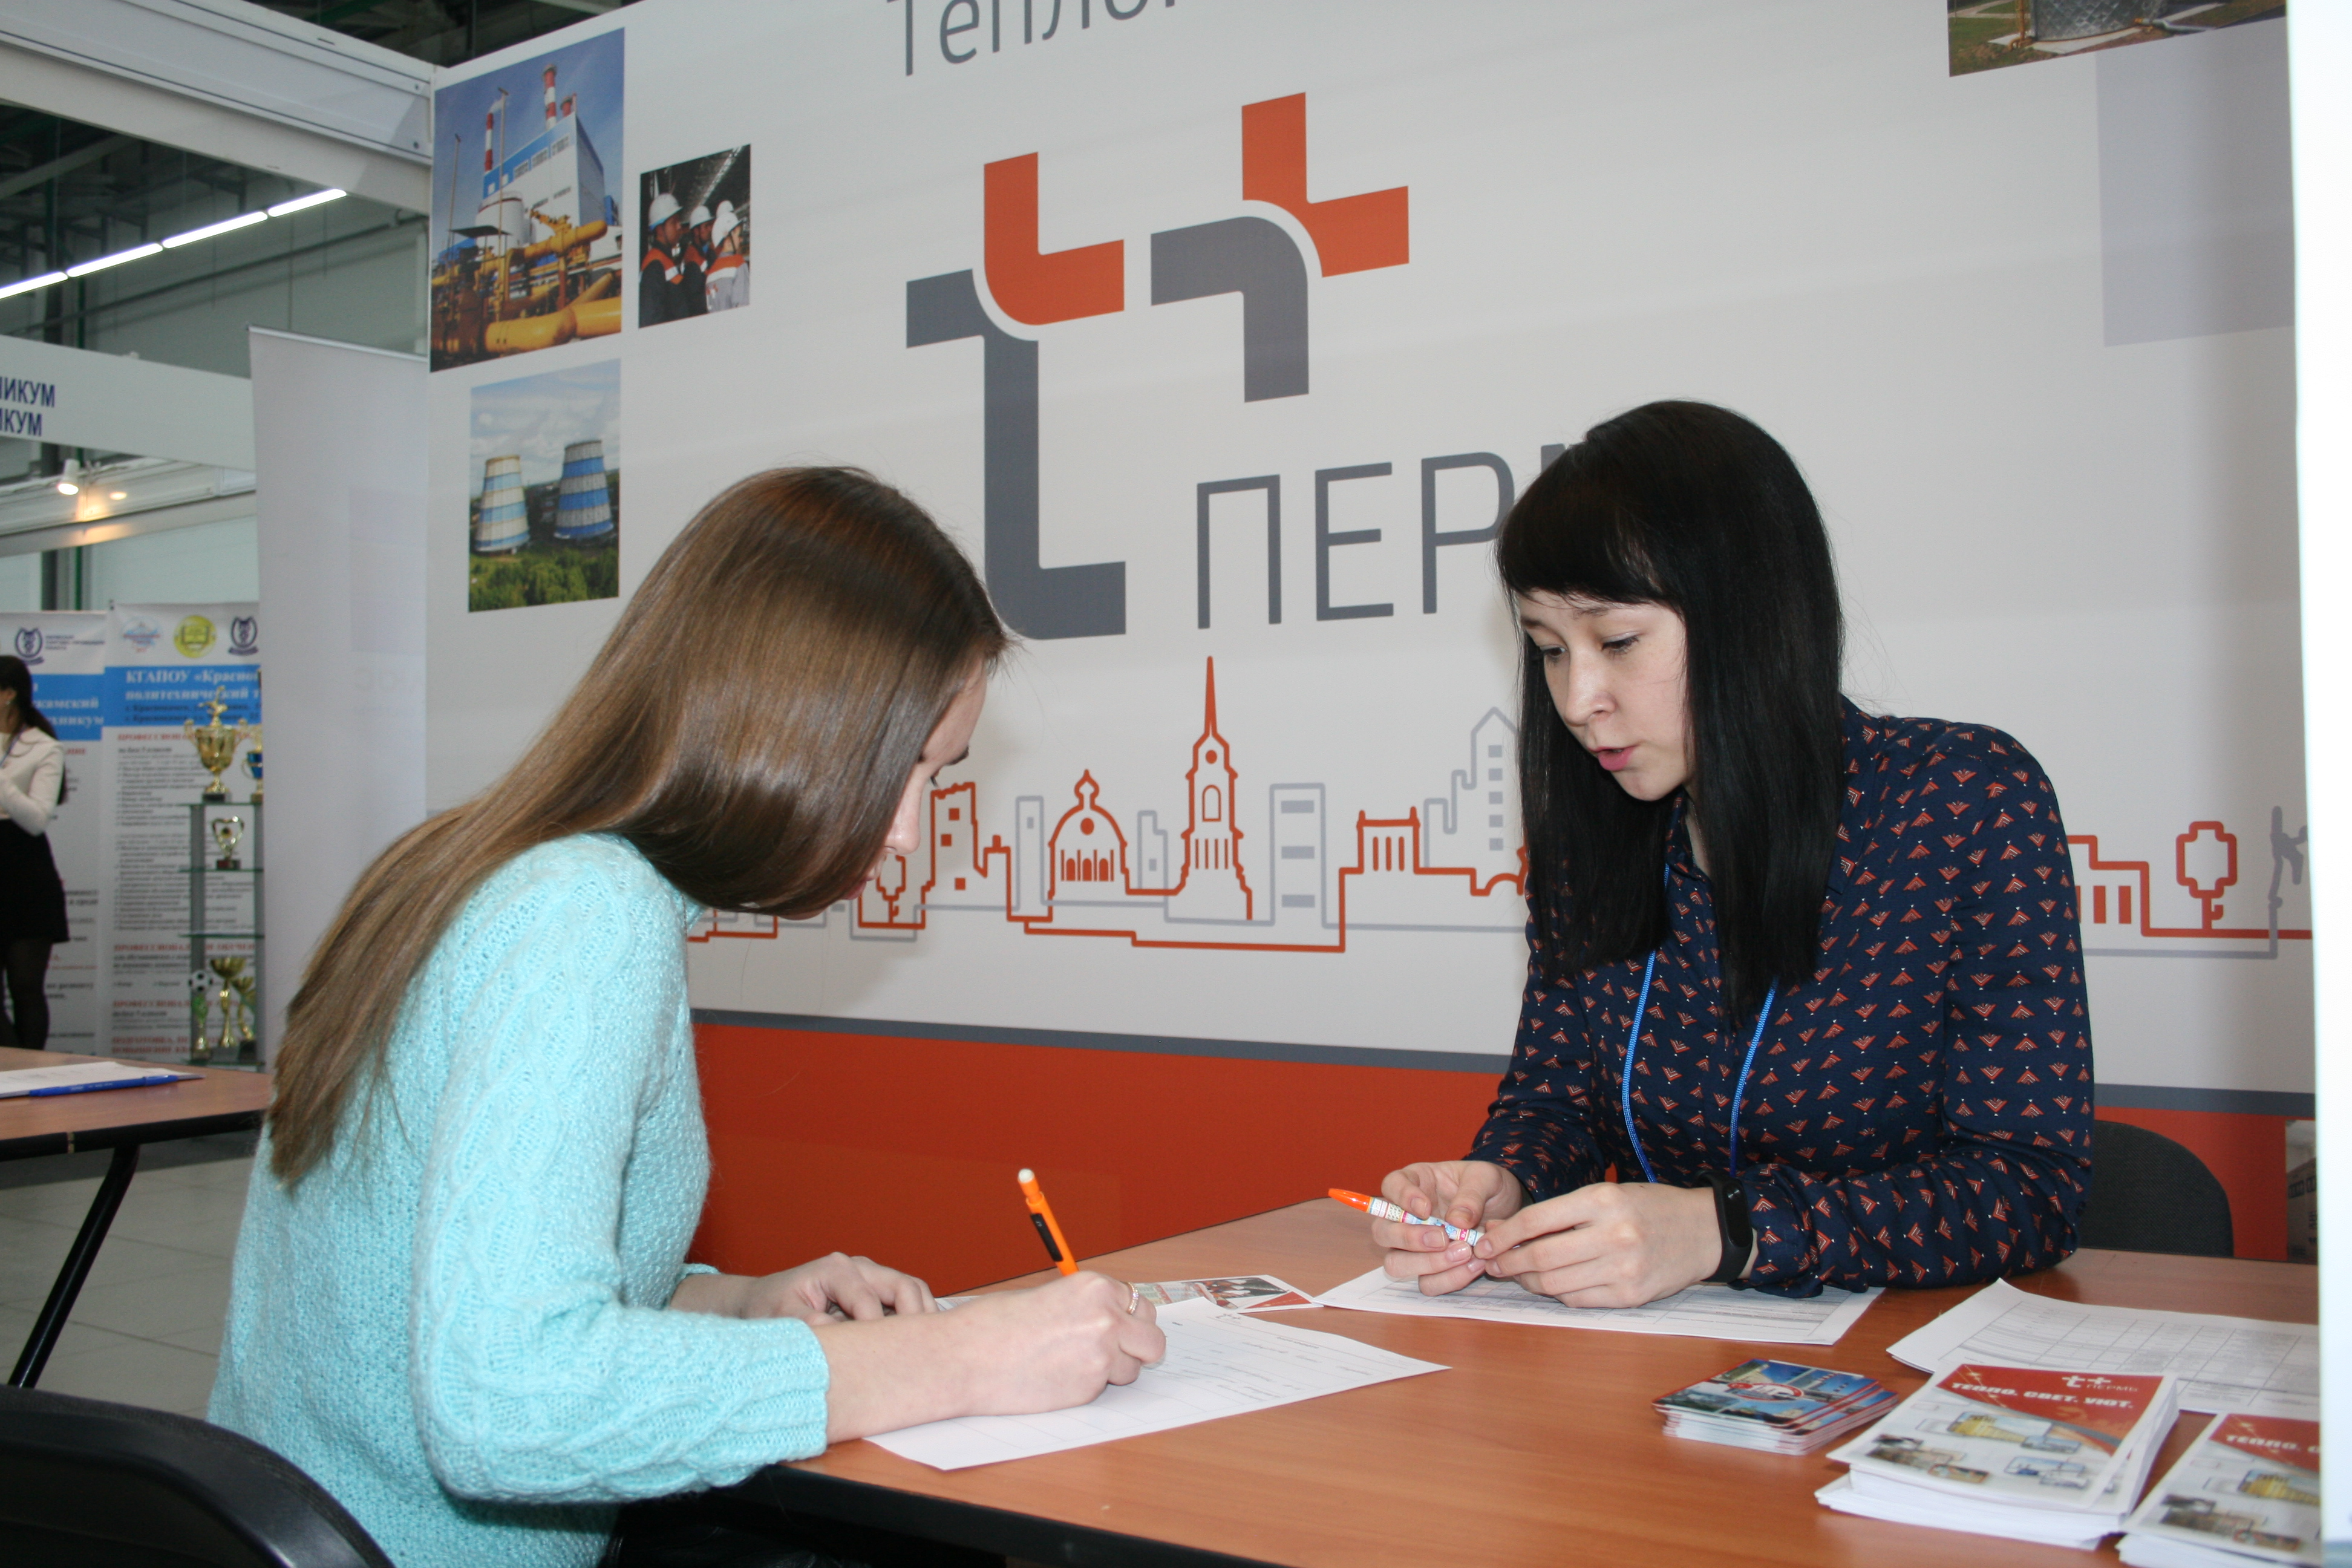 ВСаратове начальник «ЭнергосбыТ Плюс» схвачен при передаче взятки